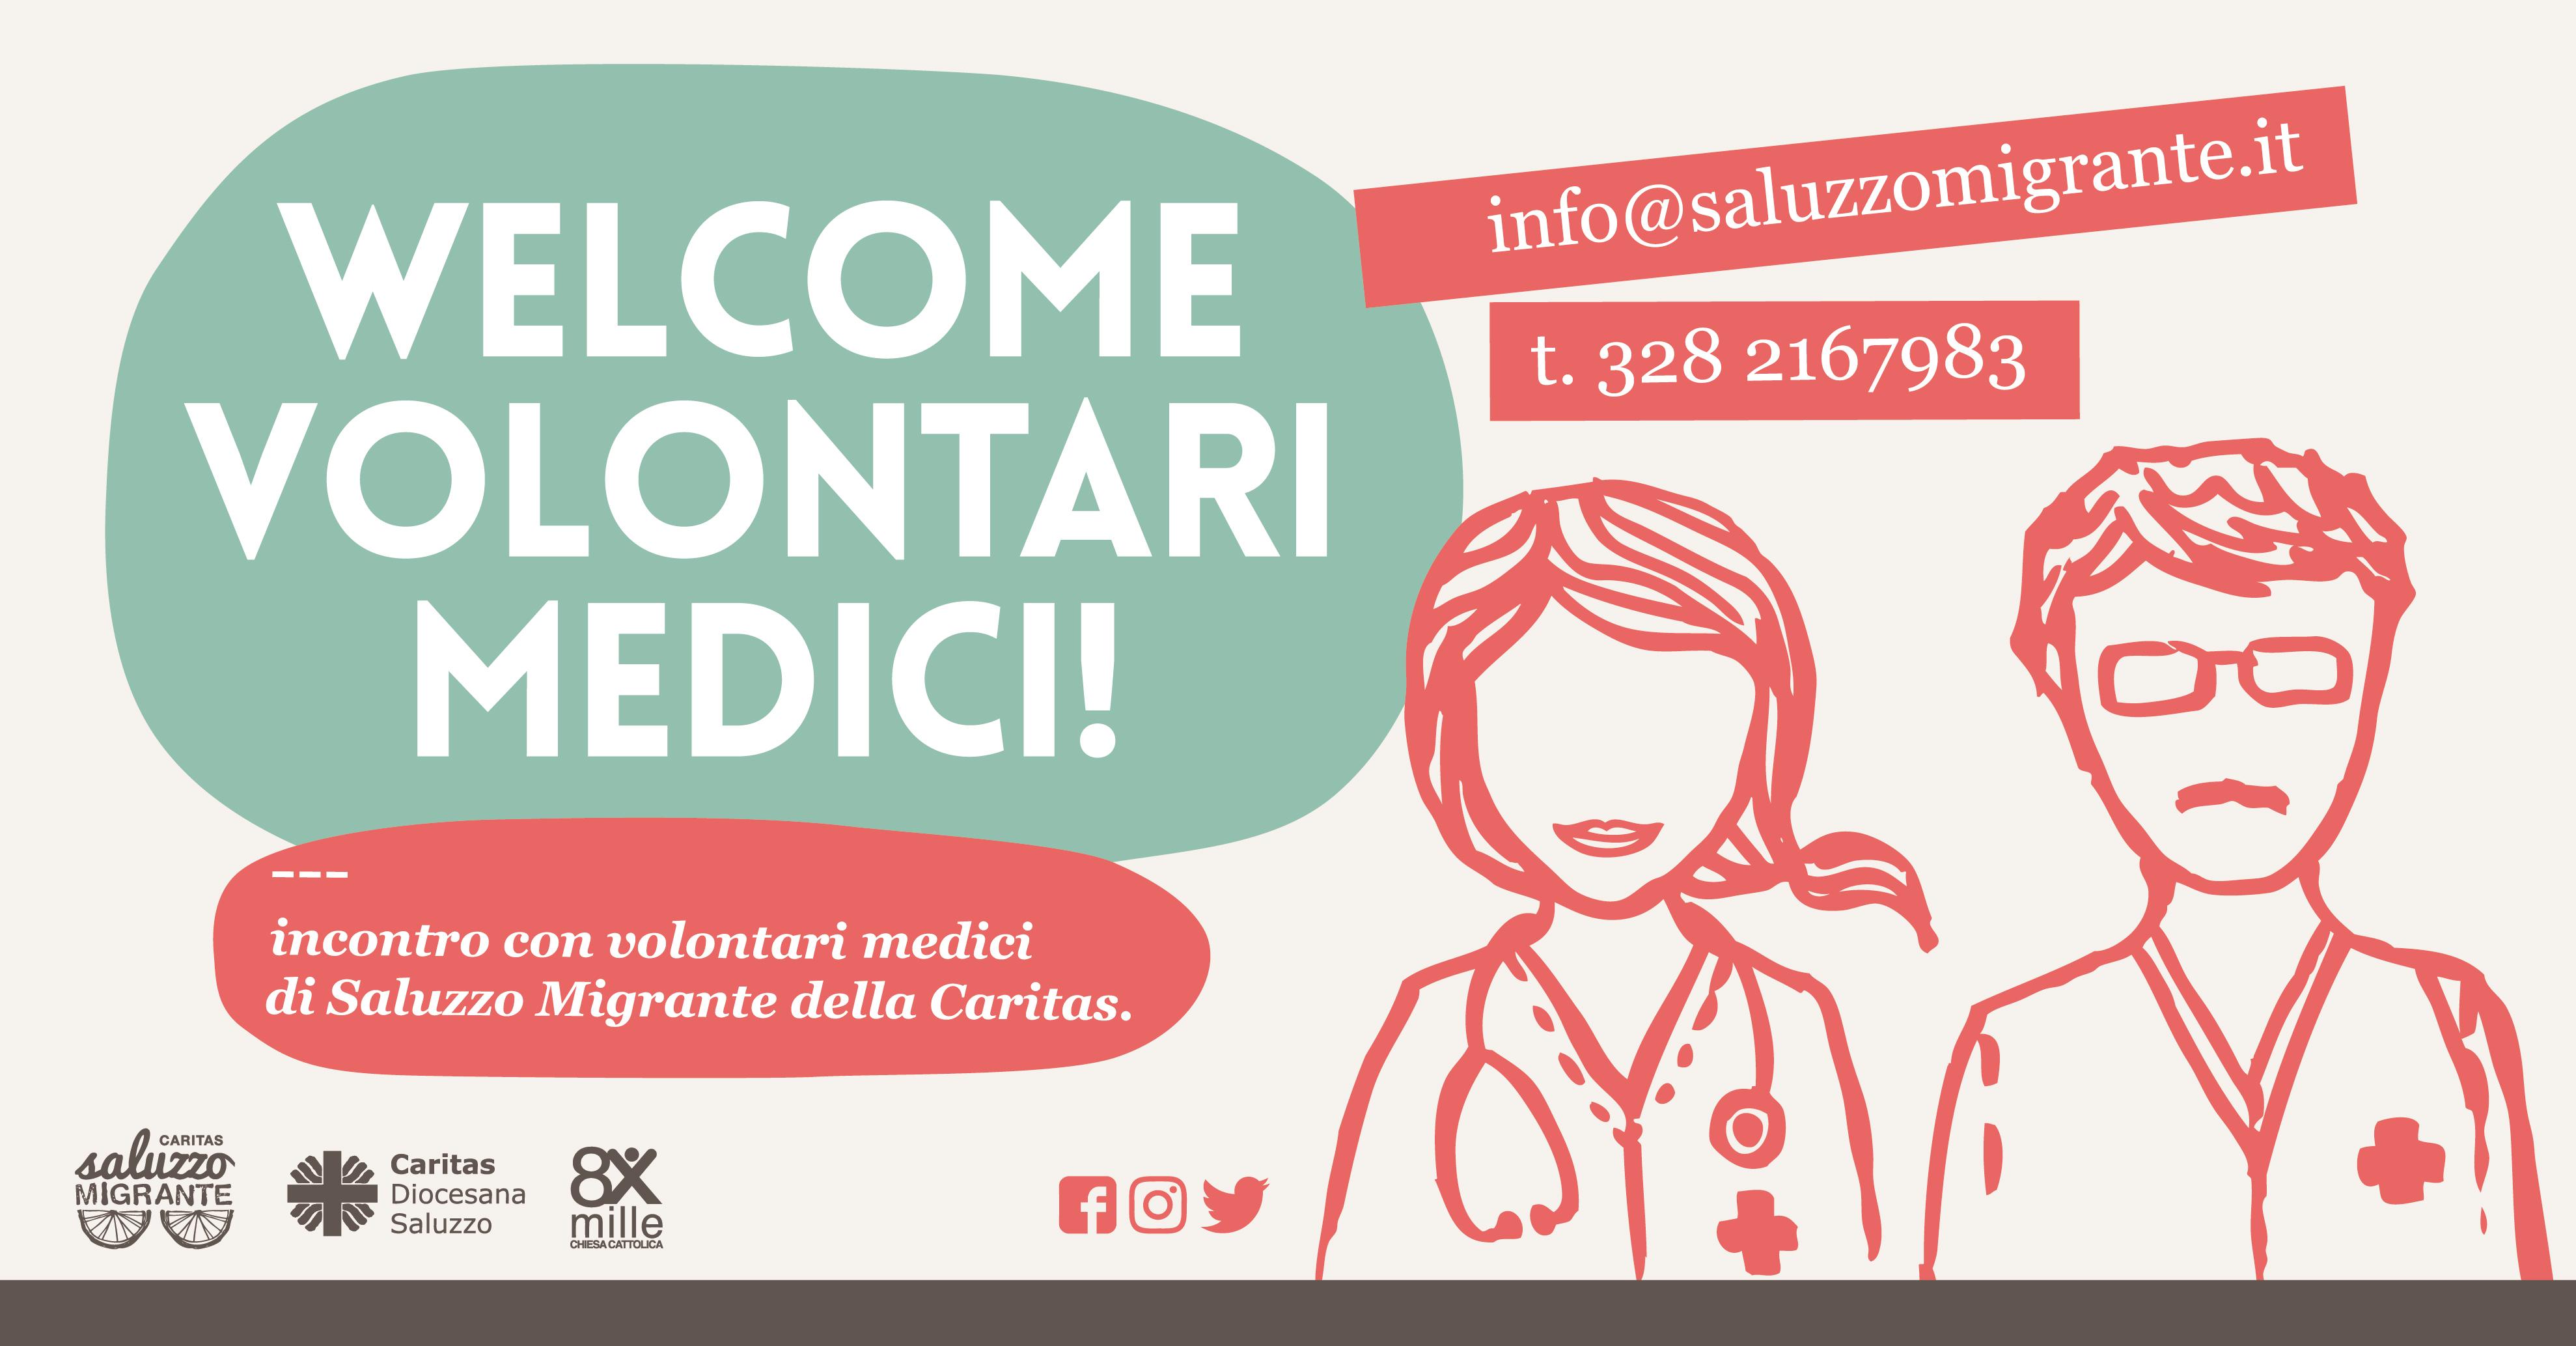 welcome volontari medici generica